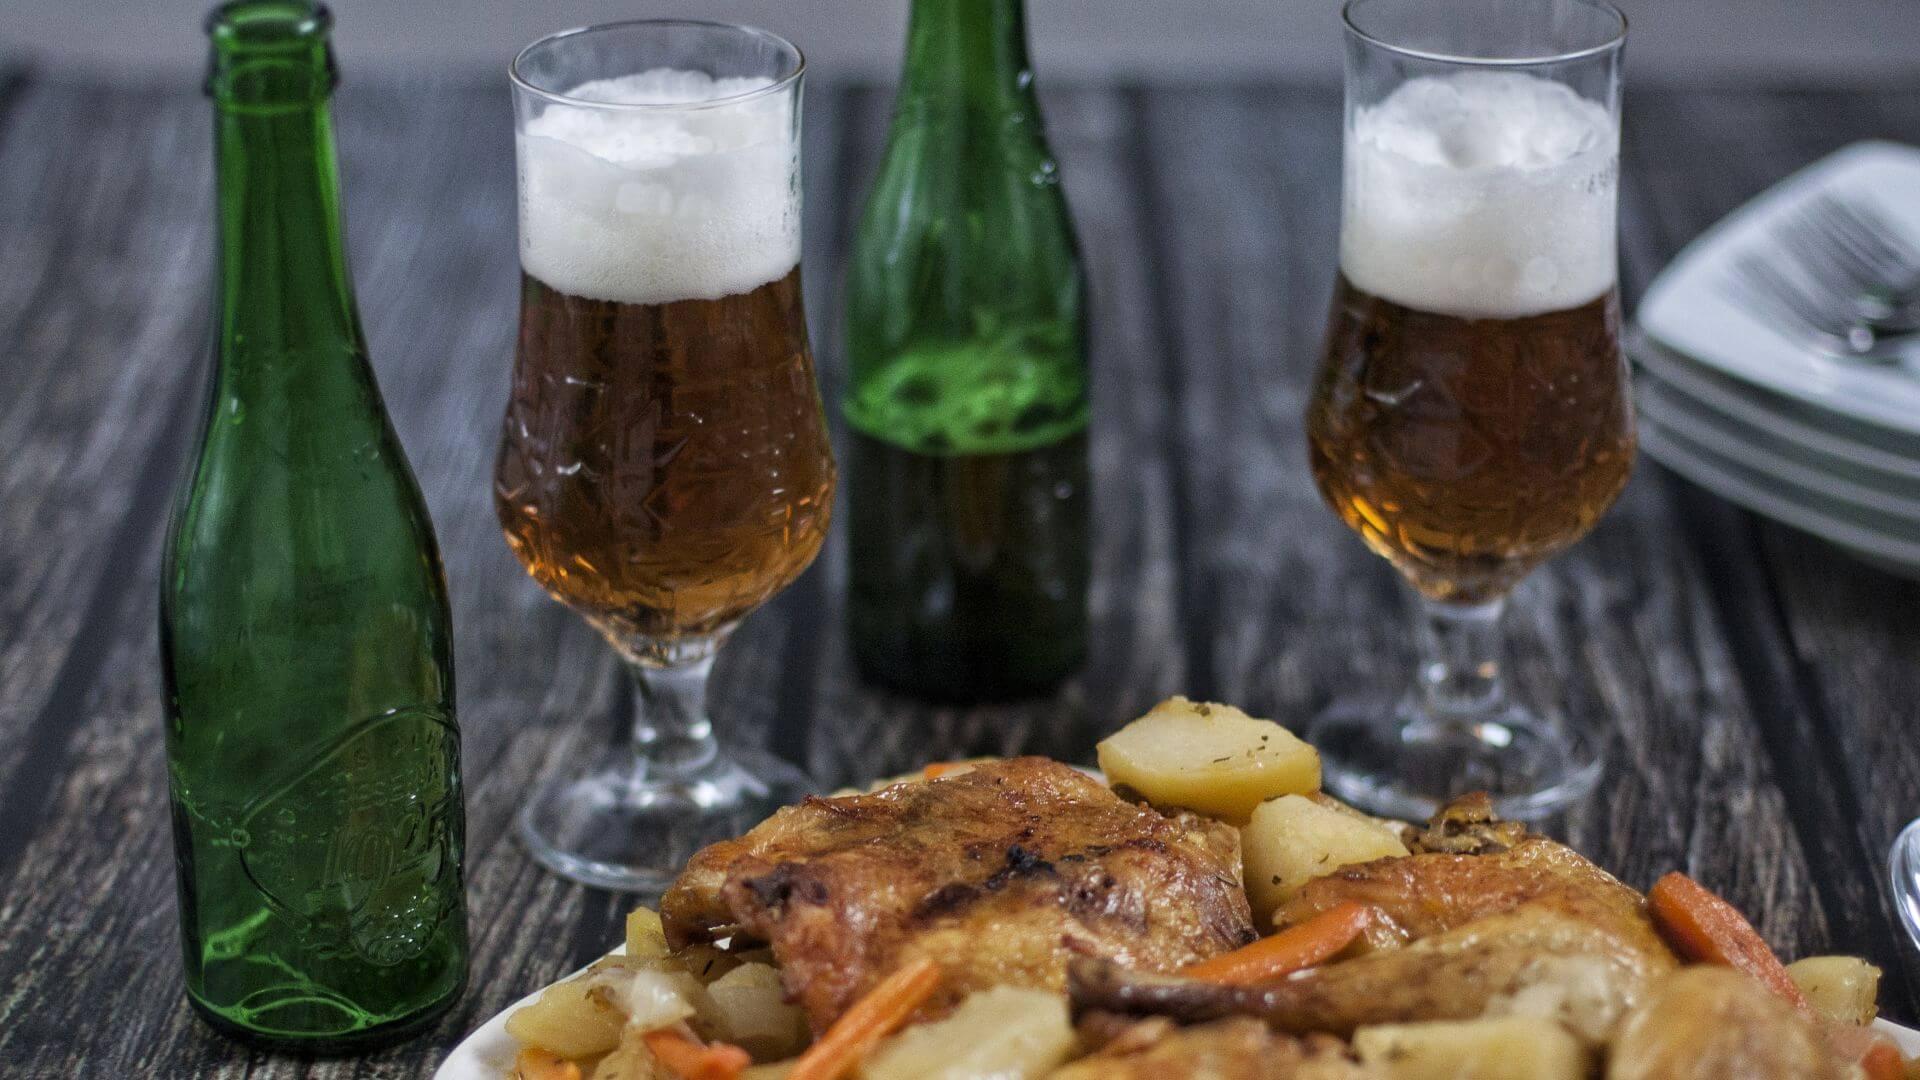 Pollo al horno con verduras asadas, la grandeza de lo sencillo